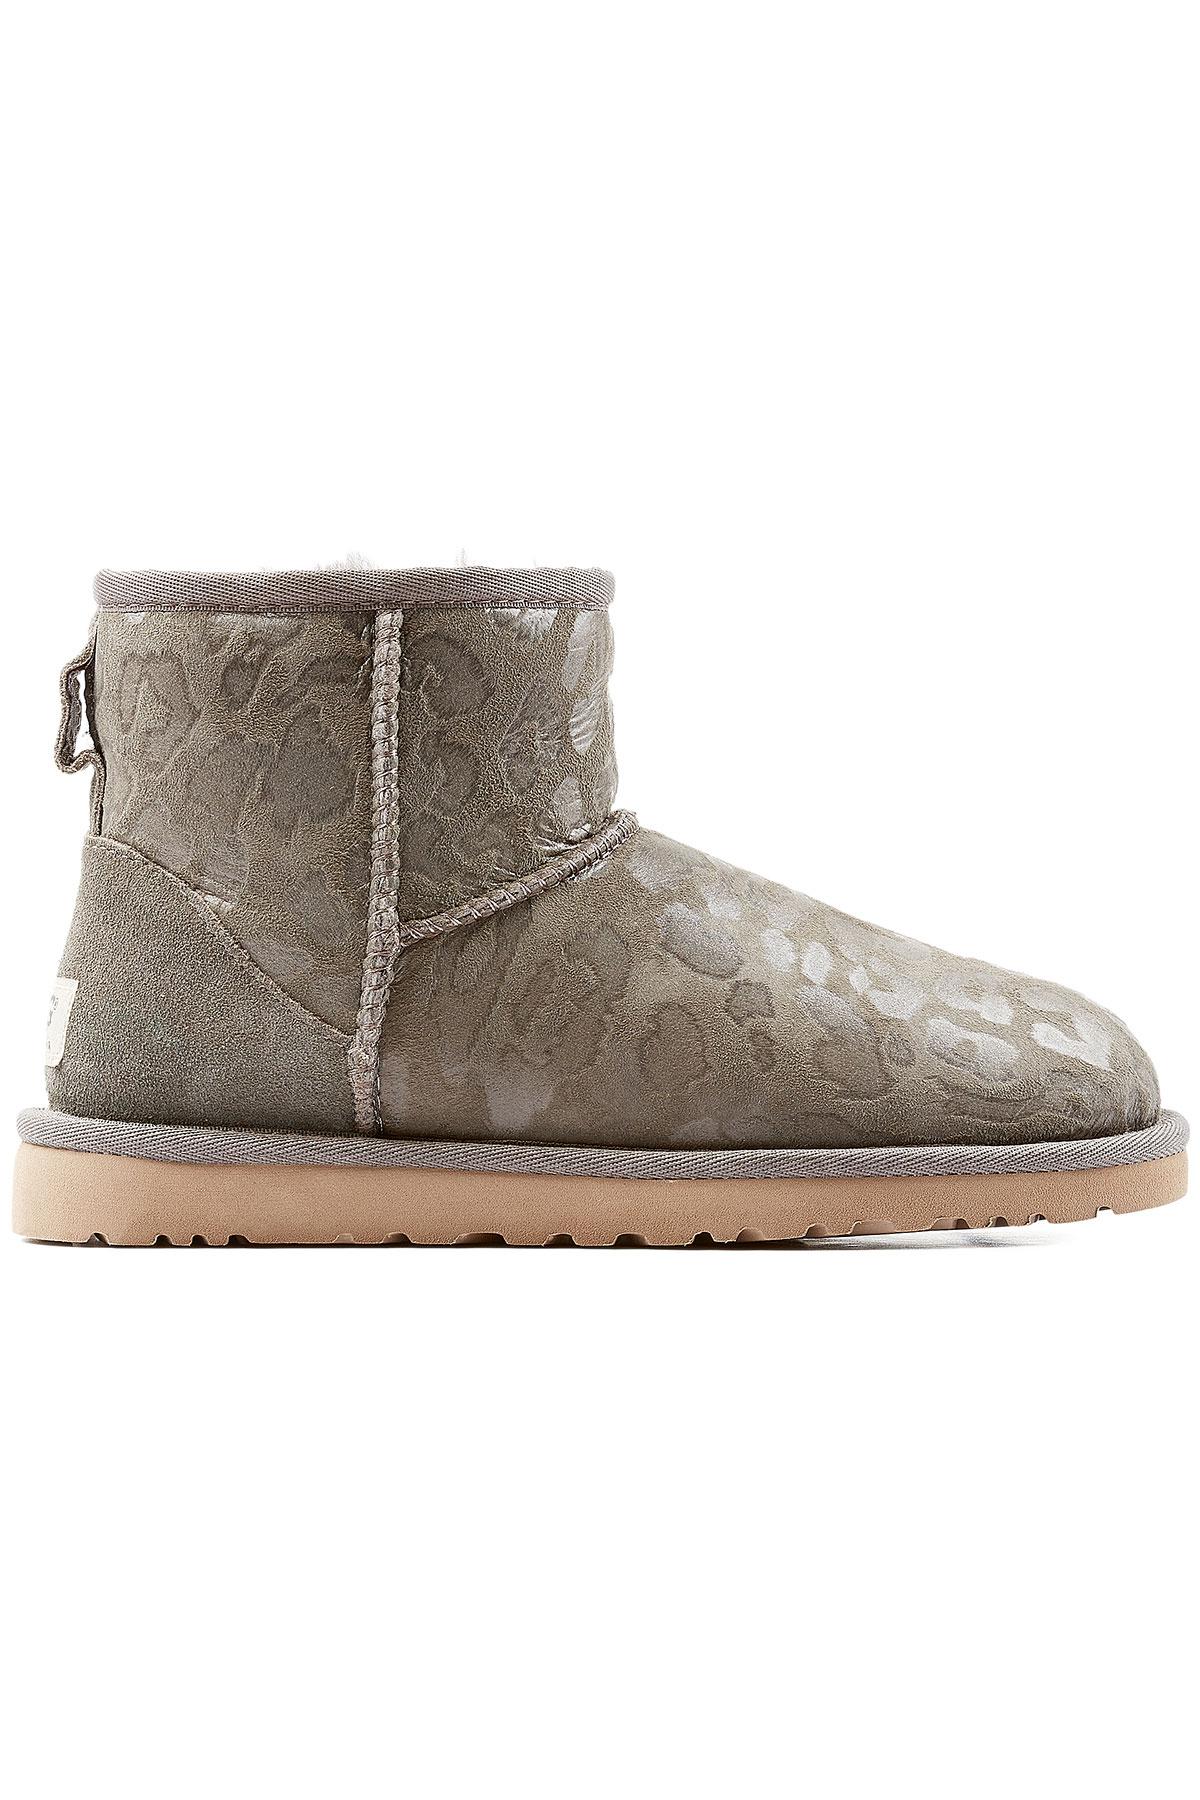 8695bbb33cc cheap ugg boots leopard print e896e cfcd4